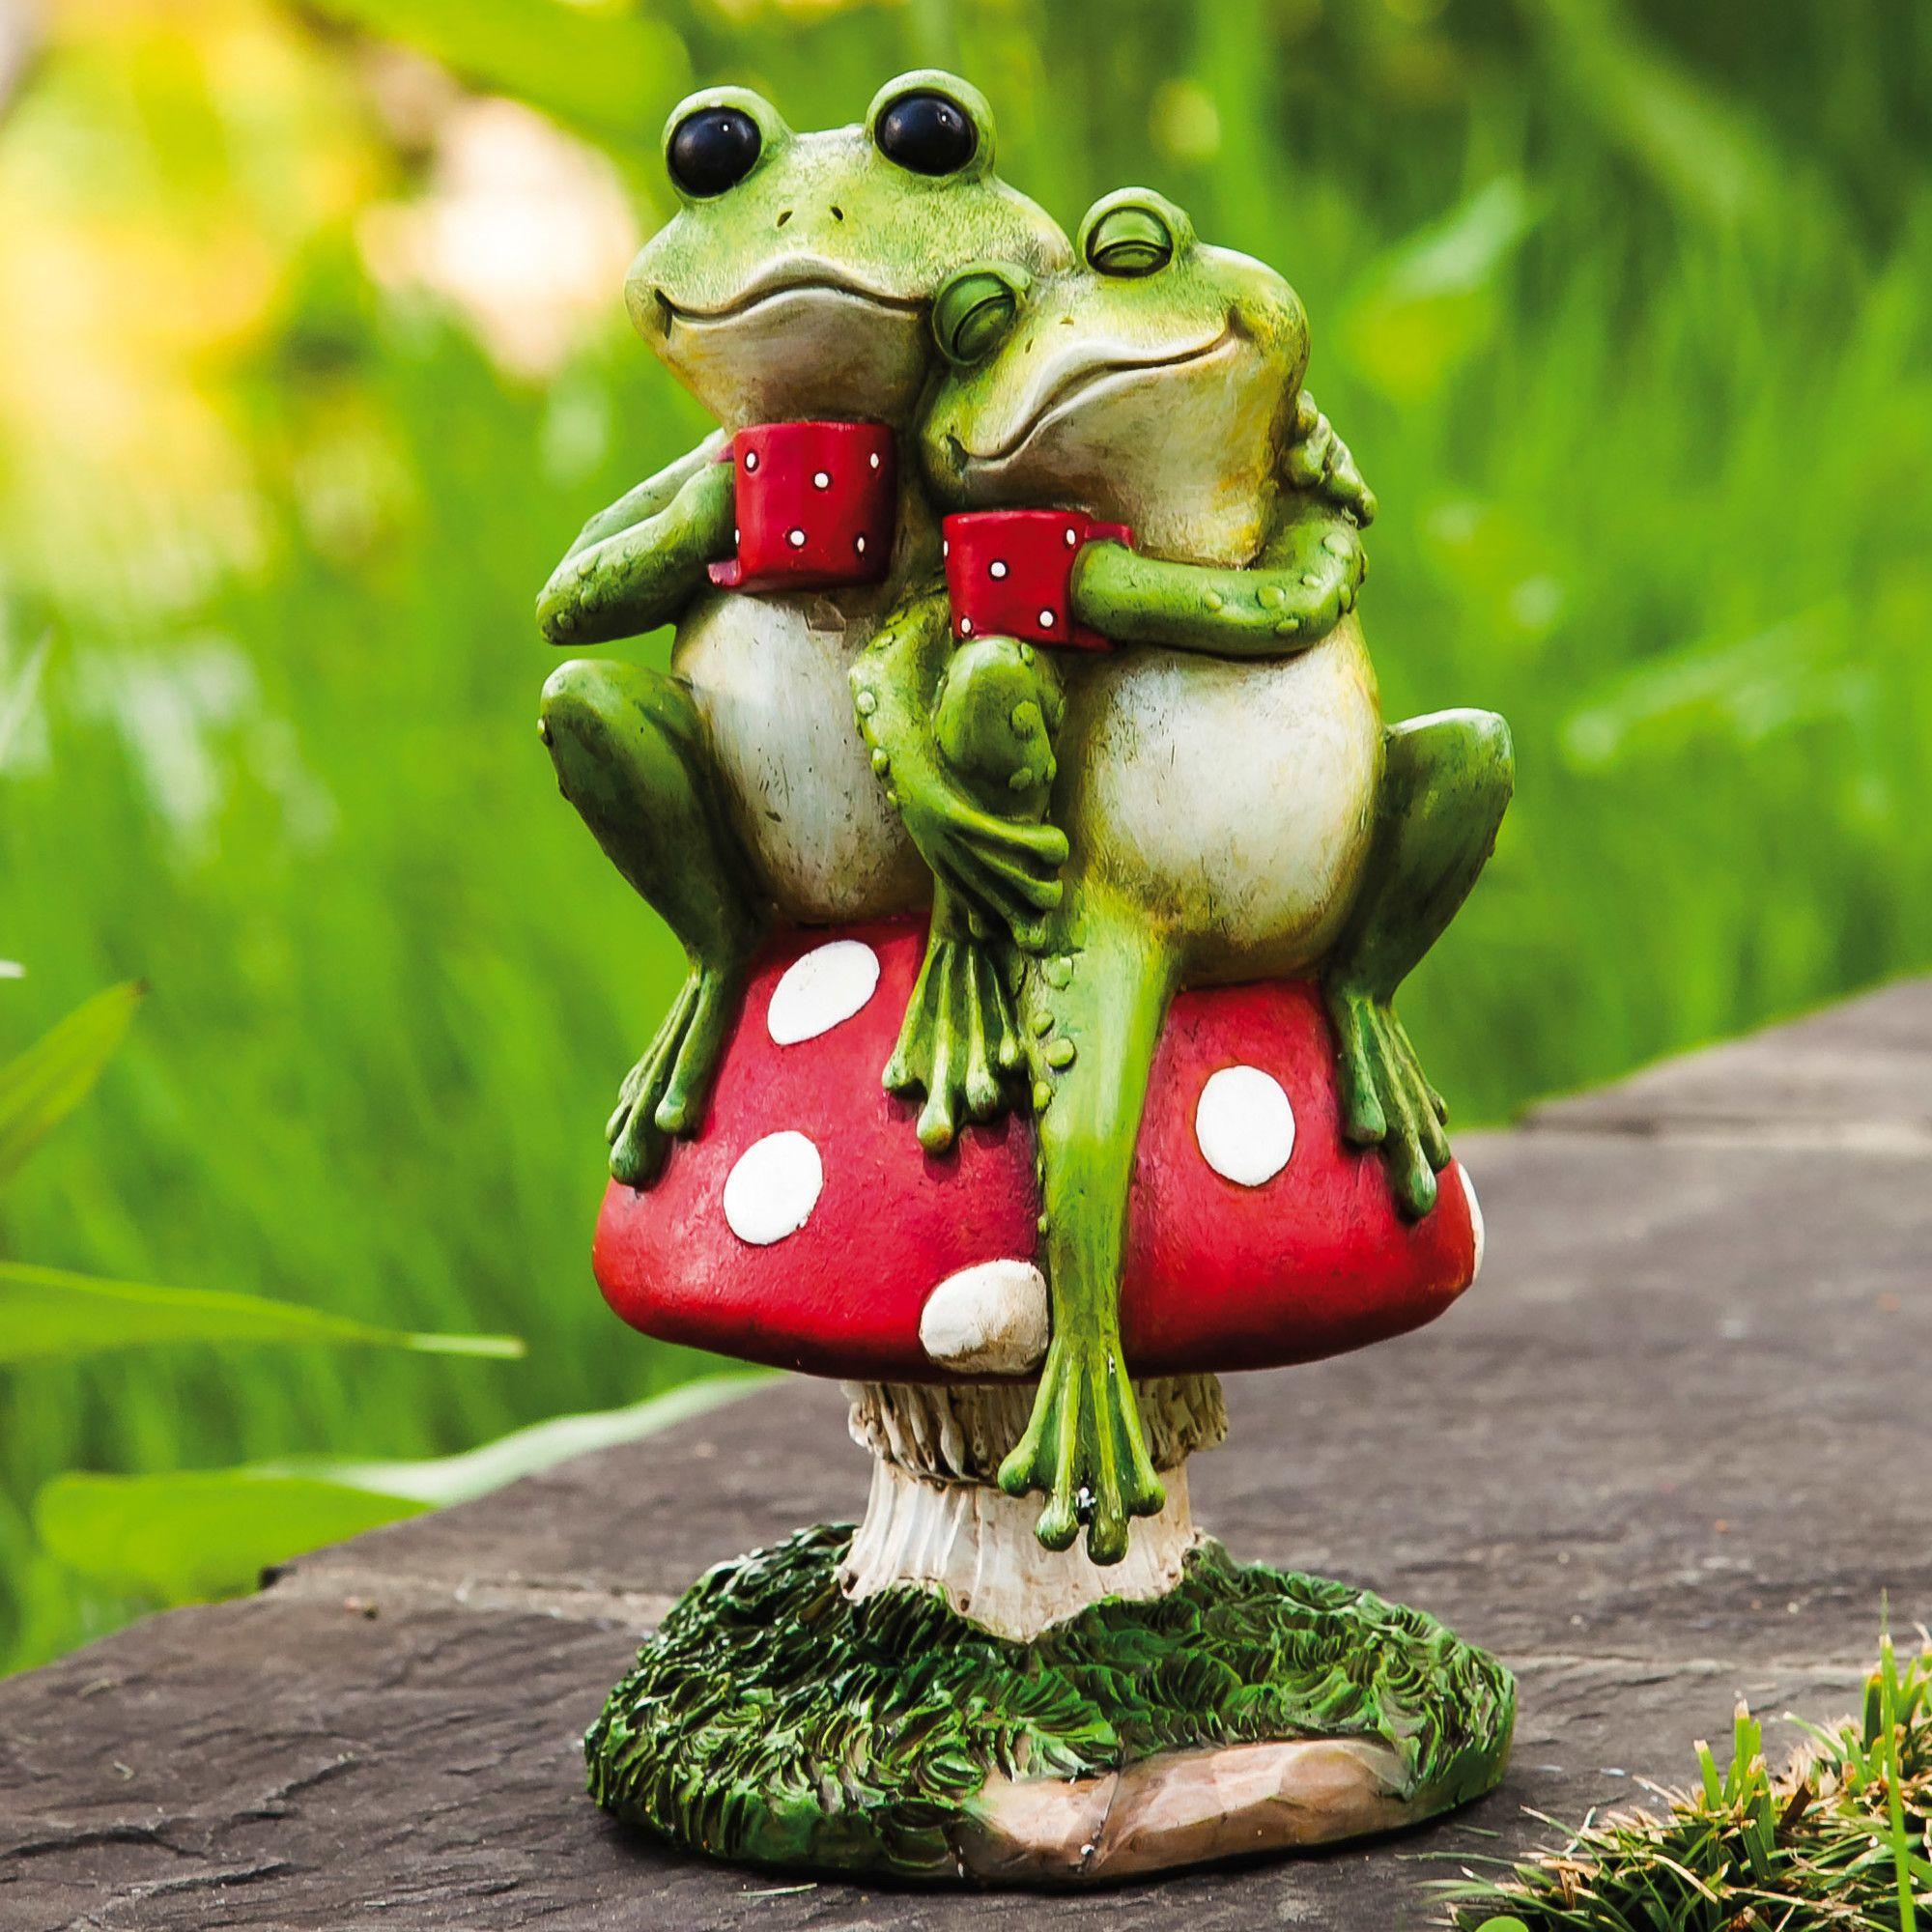 Cup Of Joe Frog Statue In